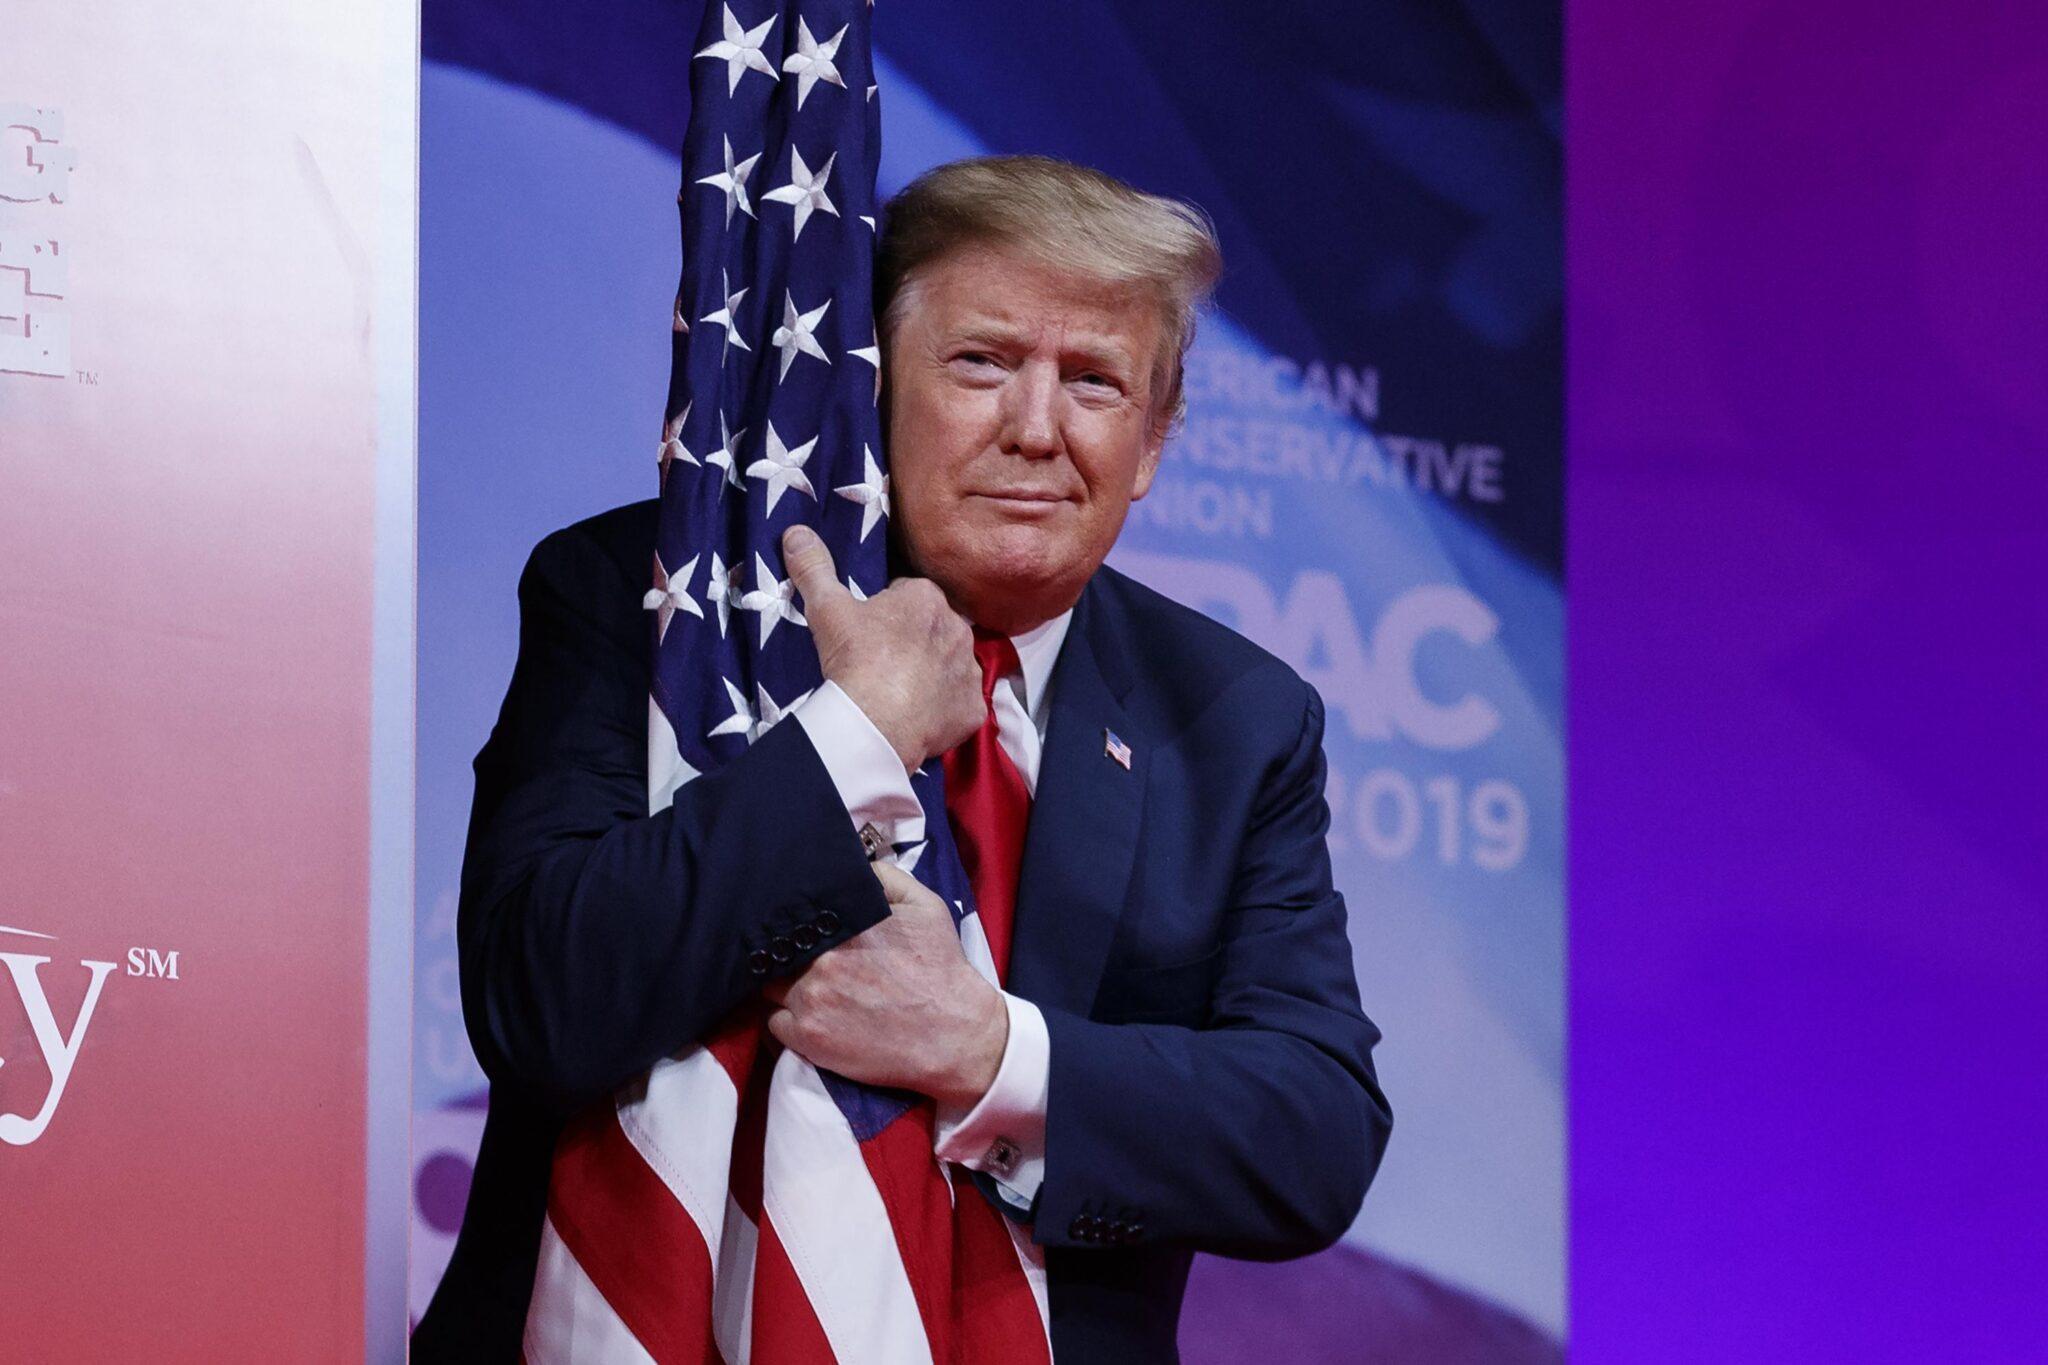 Trump come Madre Teresa di Calcutta.<br> Donald candidato per il Premio Nobel per la pace 2021.<br> Dove altri hanno portato la guerra, il presidente USA ha favorito la concordia